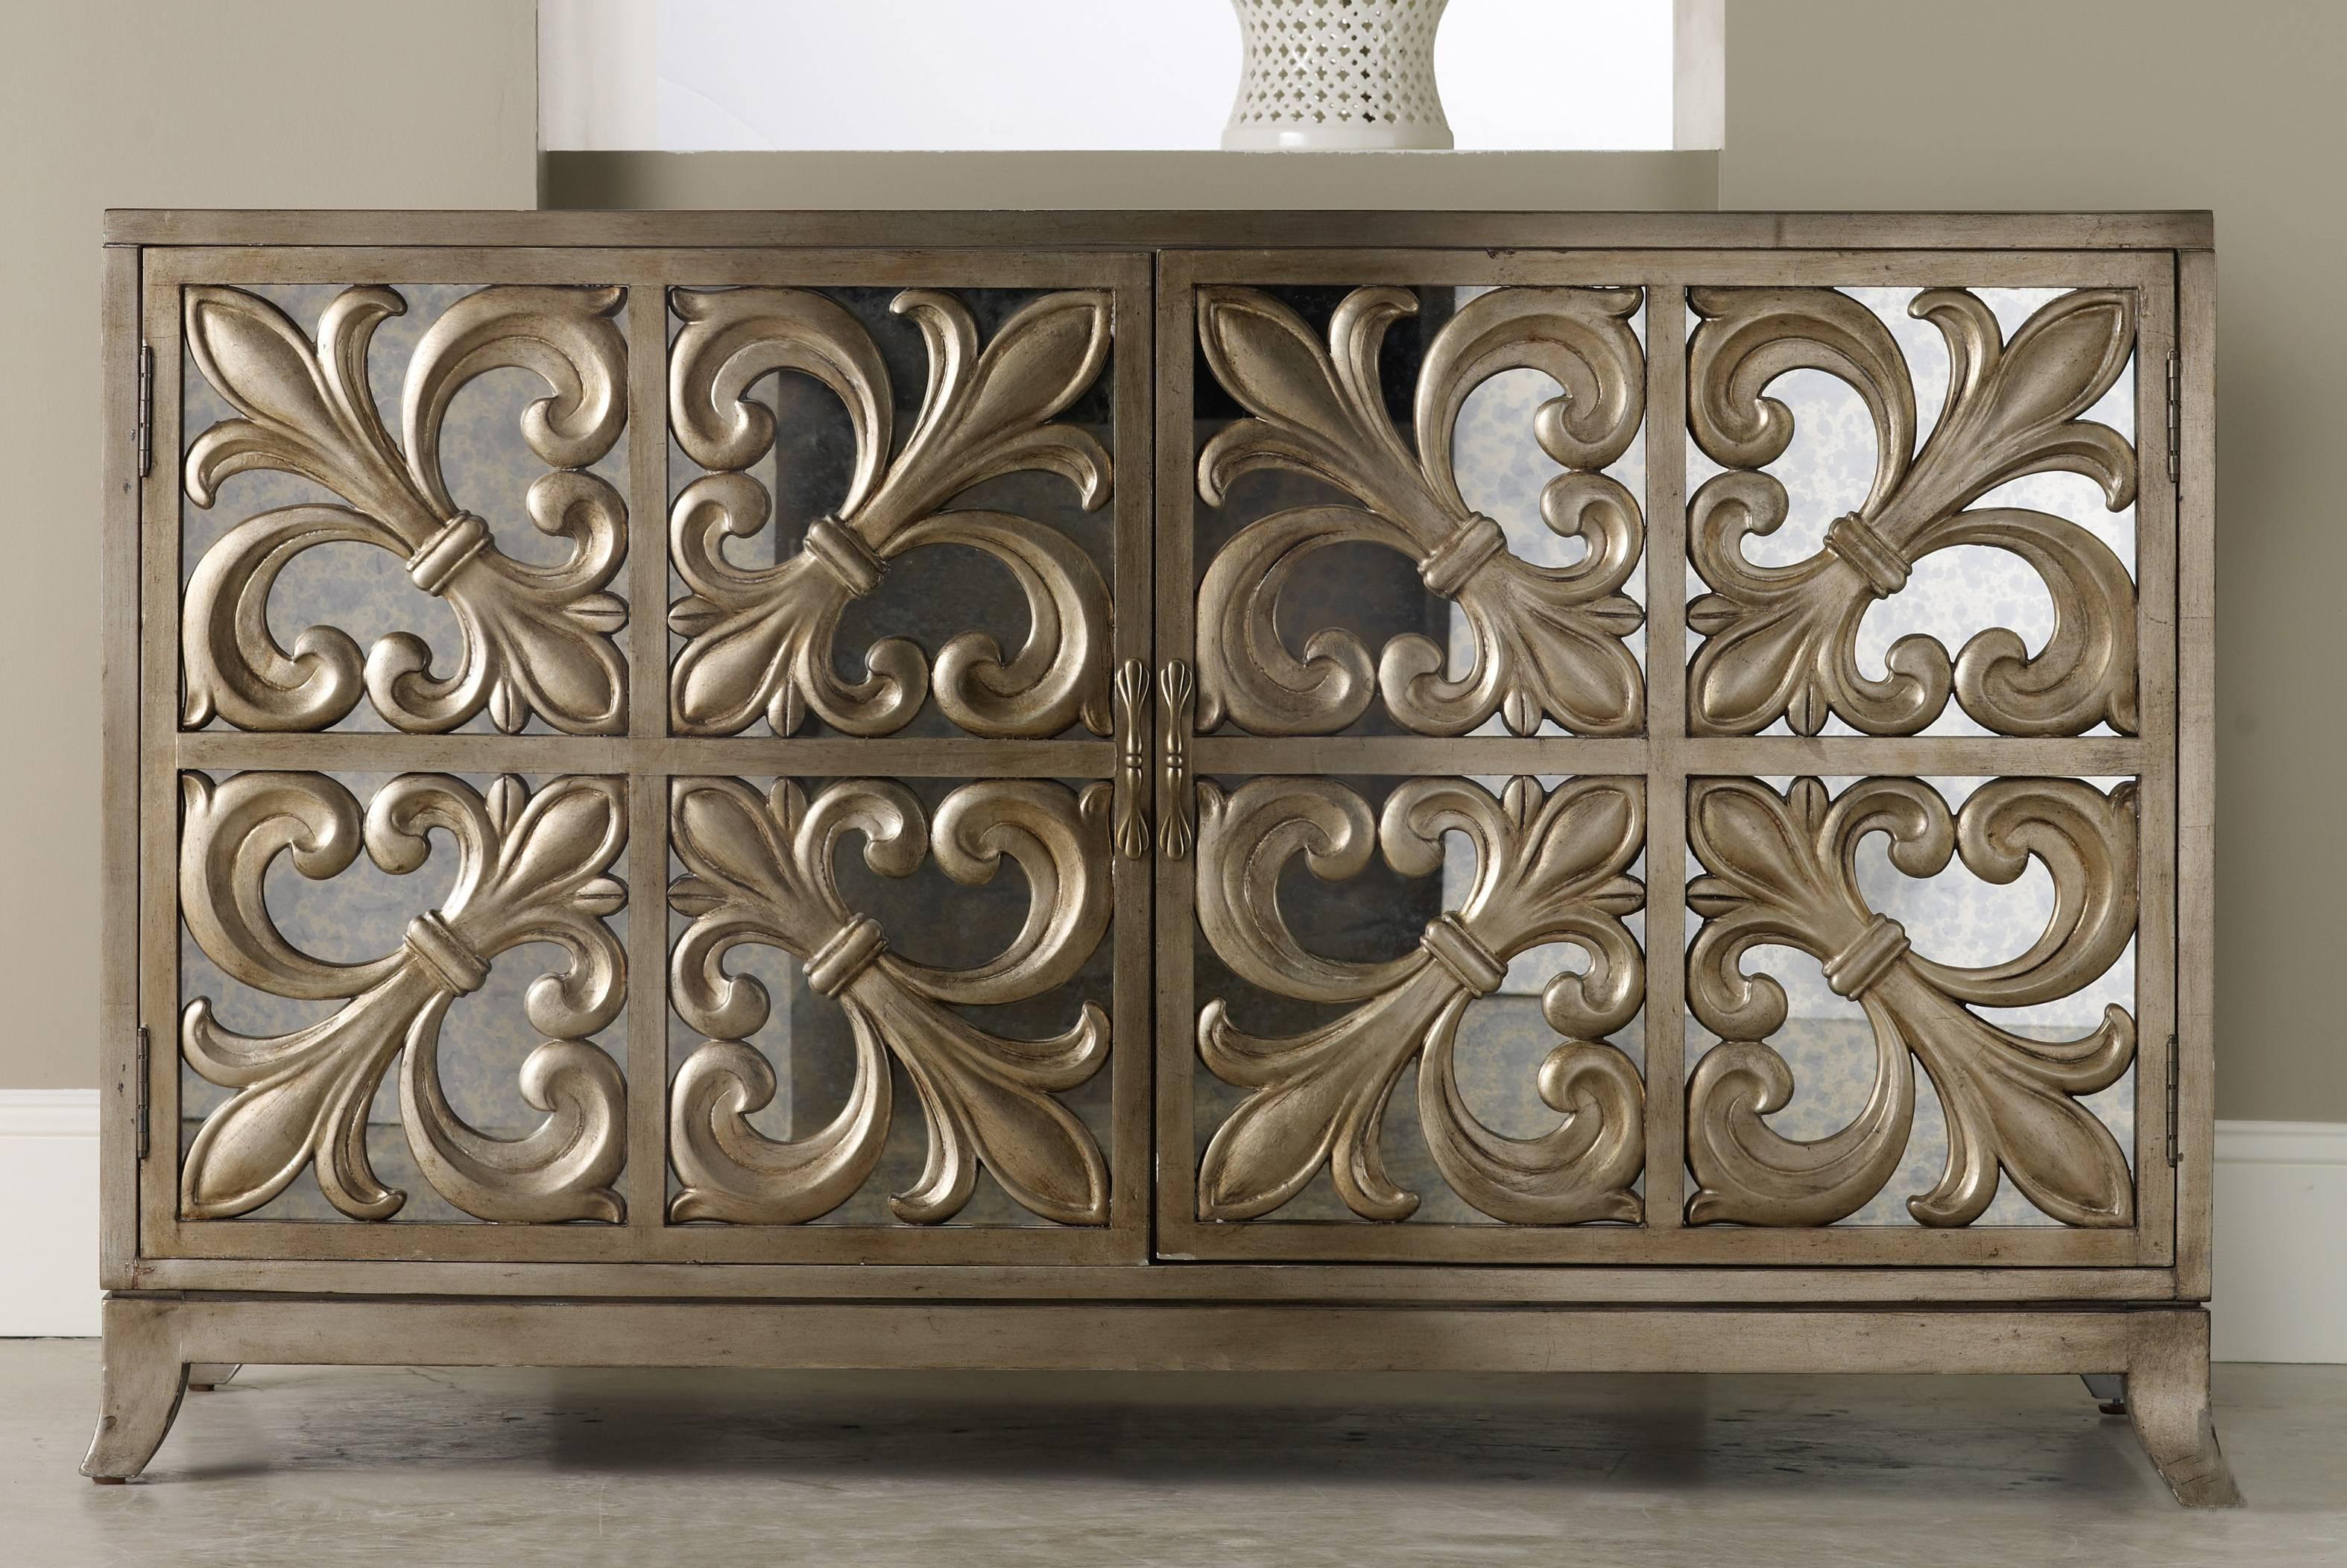 Hooker Furniture Melange Fleur De Lis Mirrored Credenza 638 85057